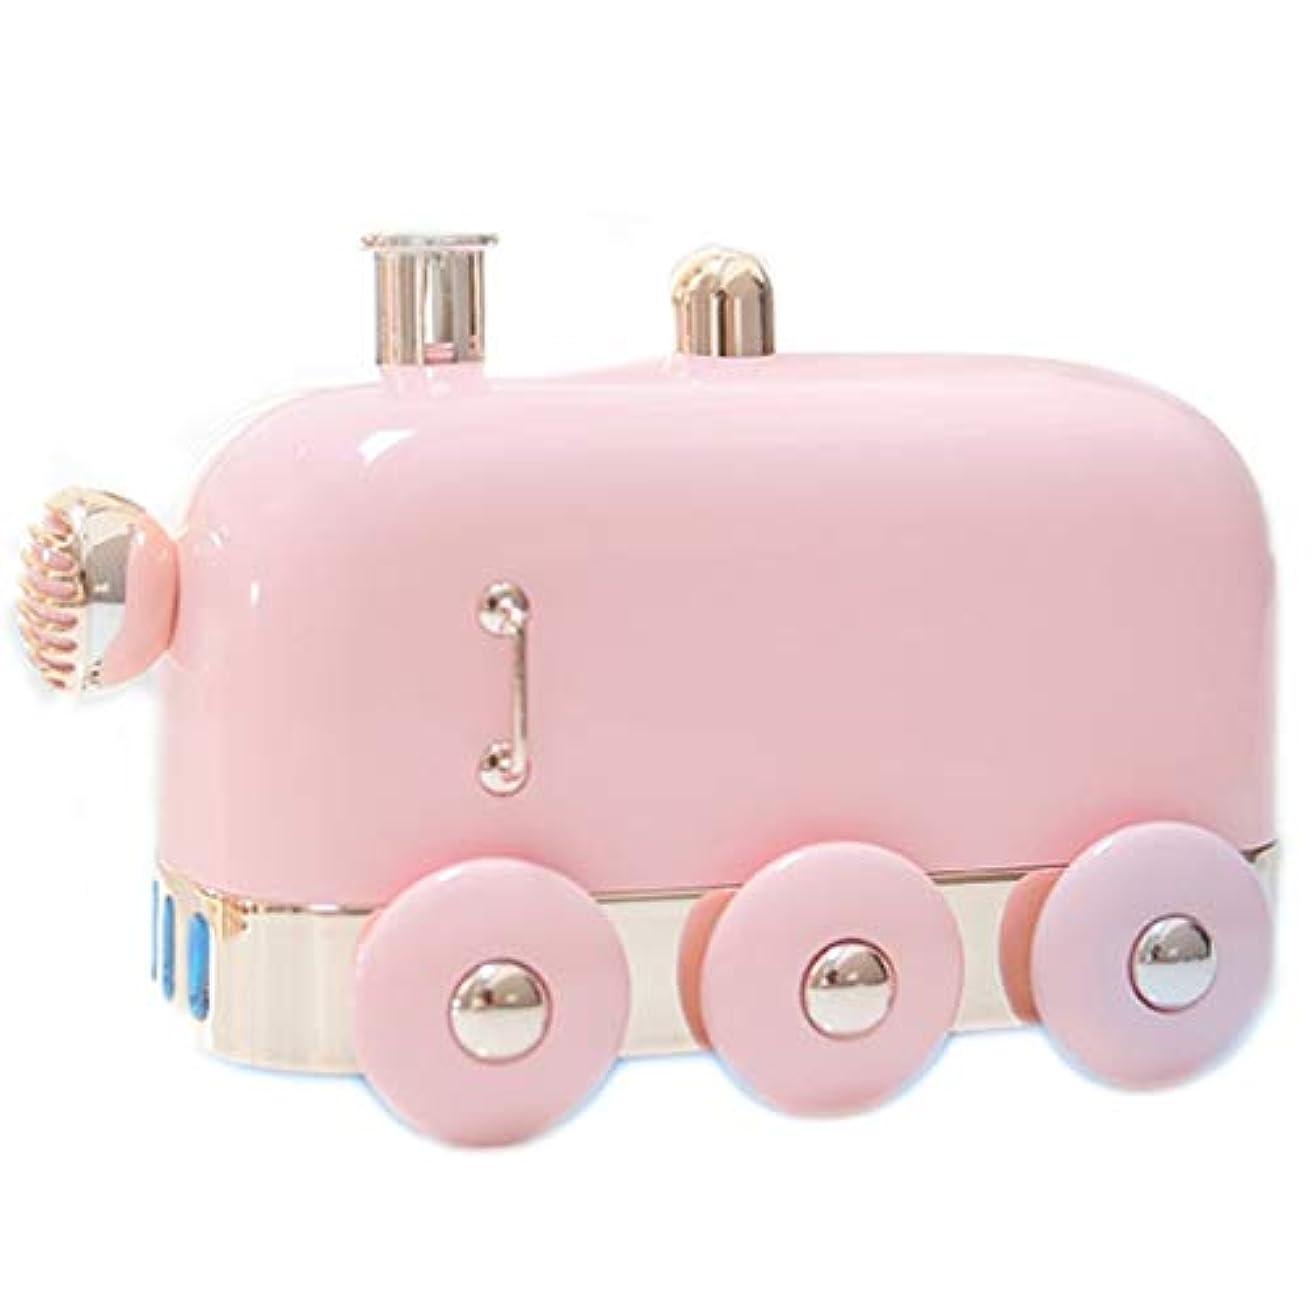 鋸歯状ハリウッドショッキングアロマセラピーエッセンシャルオイルディフューザー、アロマディフューザークールミスト加湿器ウォーターレスオートシャットオフホームオフィス用ヨガ (Color : Pink)